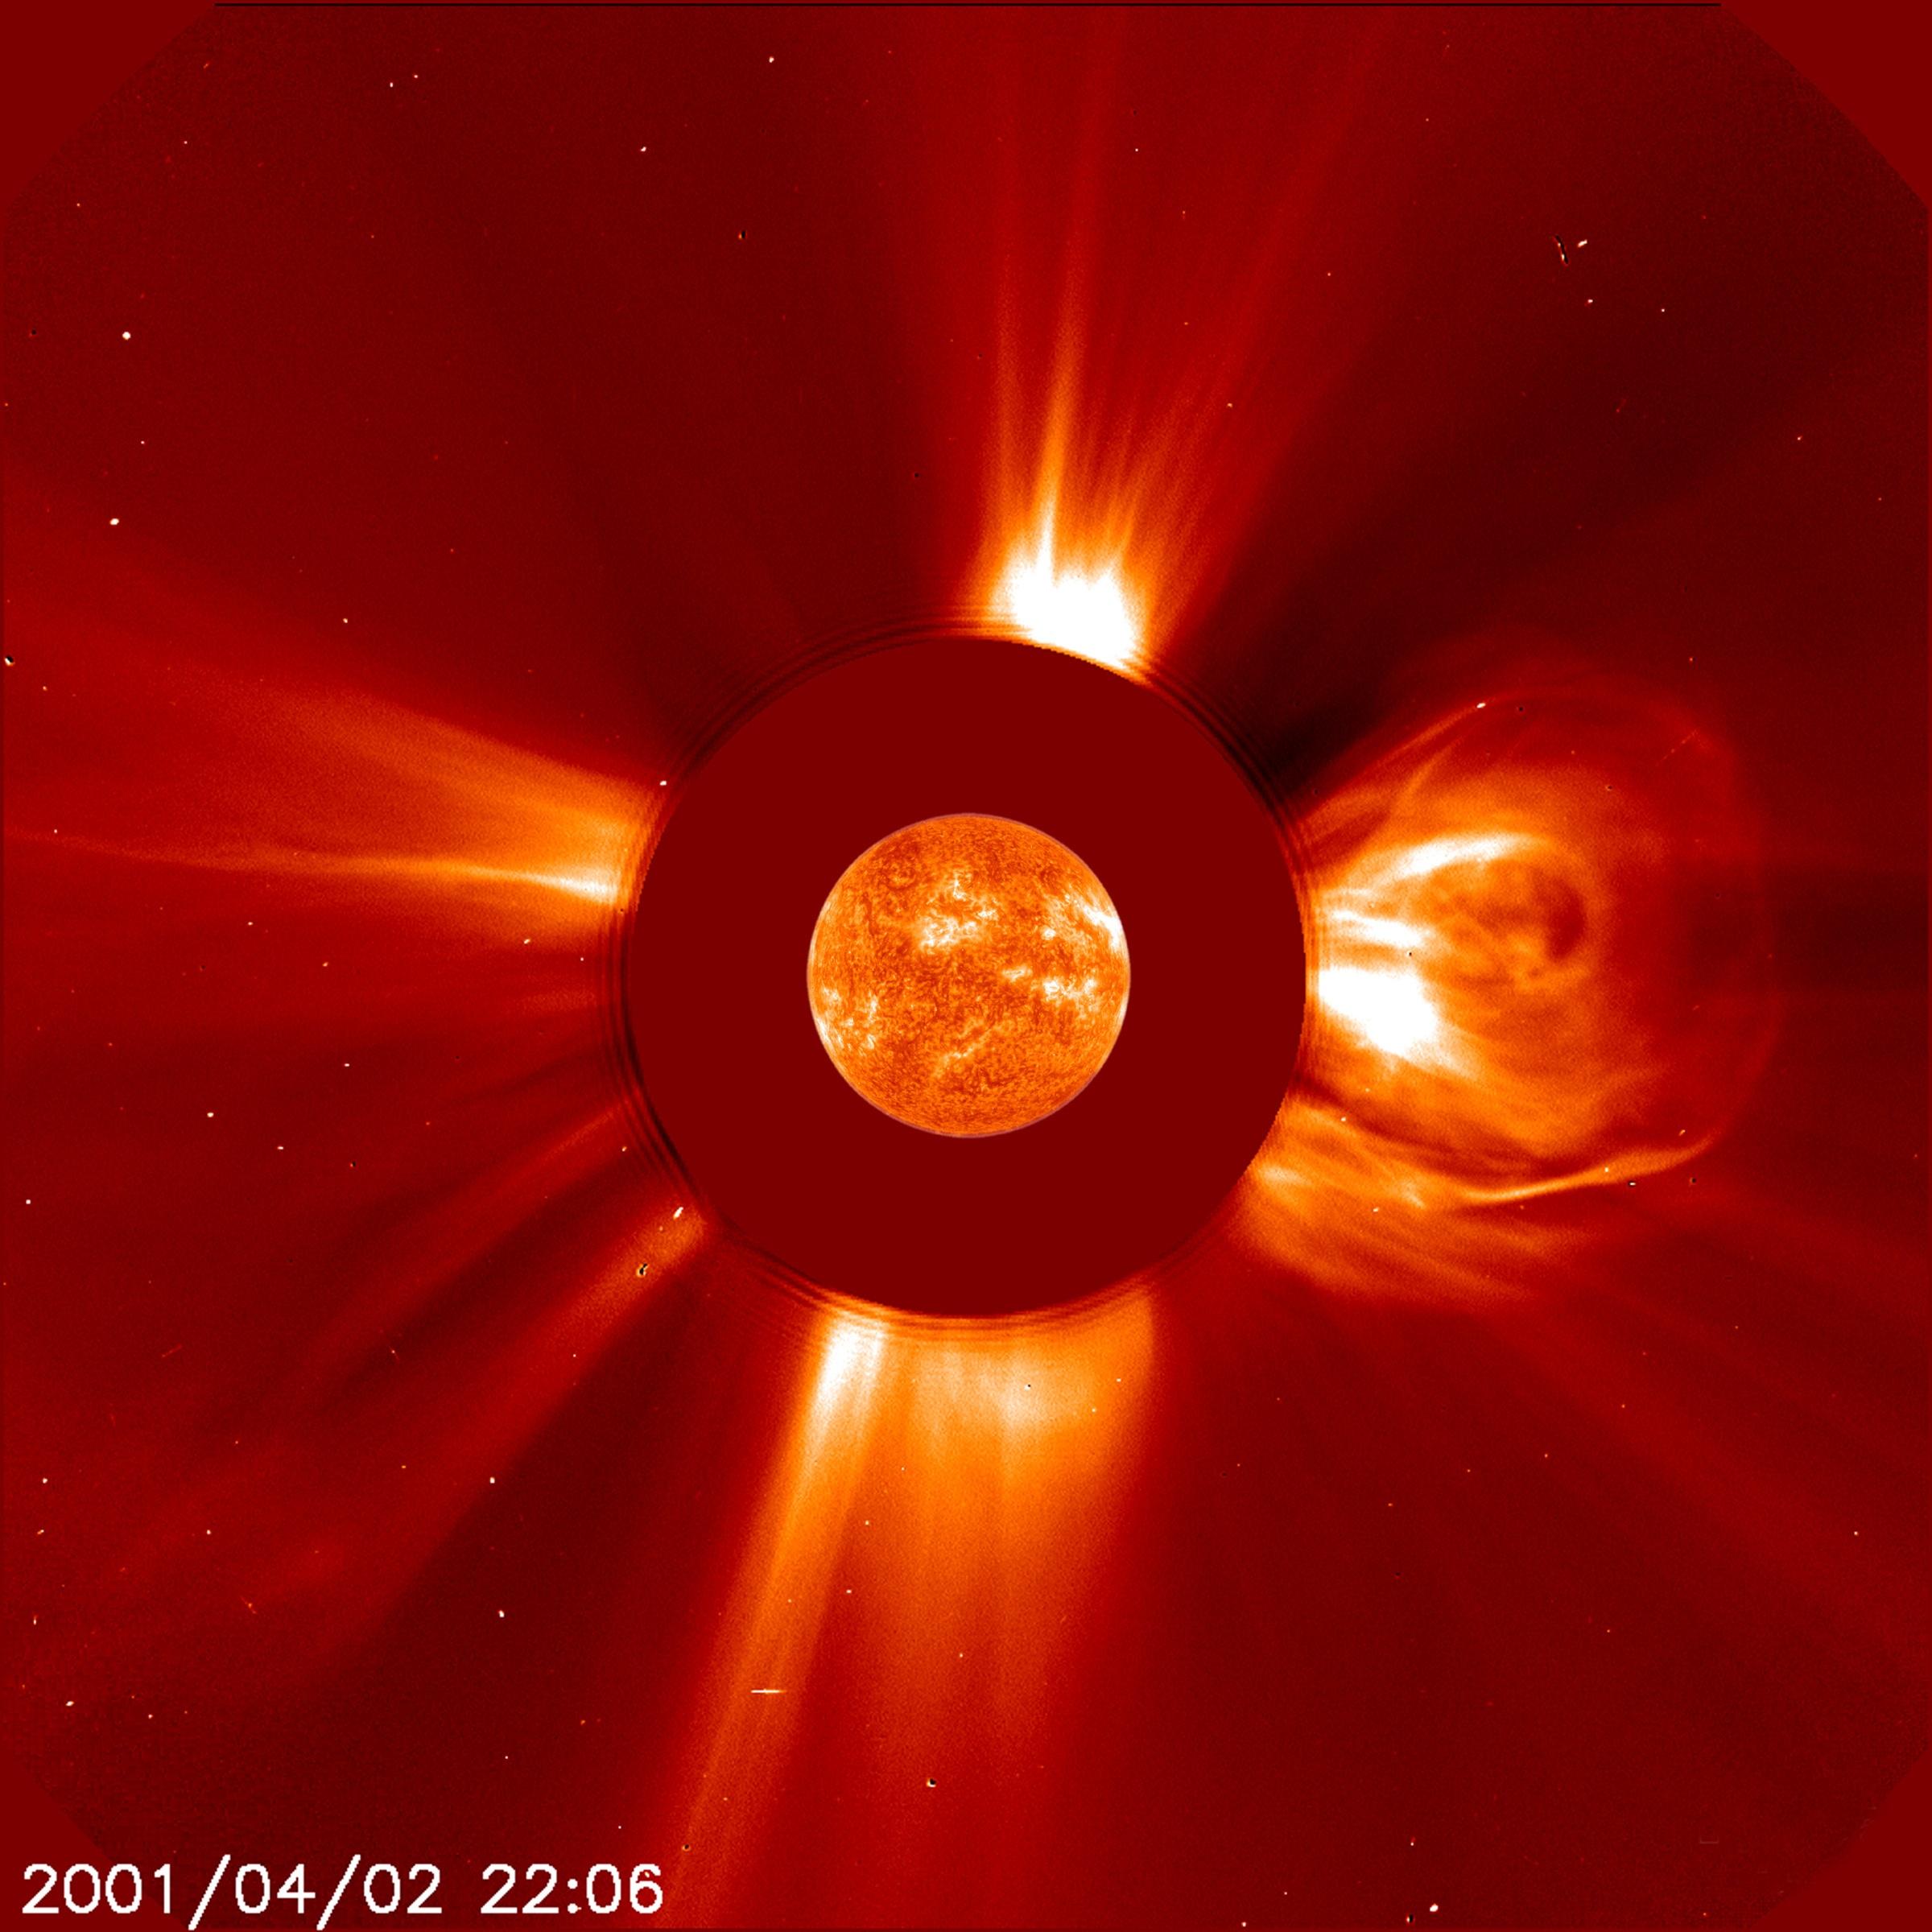 Il brillamento solare del 2 aprile del 2021 registrato dal telescopio spaziale Solar and Heliospheric Observatory (SOHO). Credits: NASA.